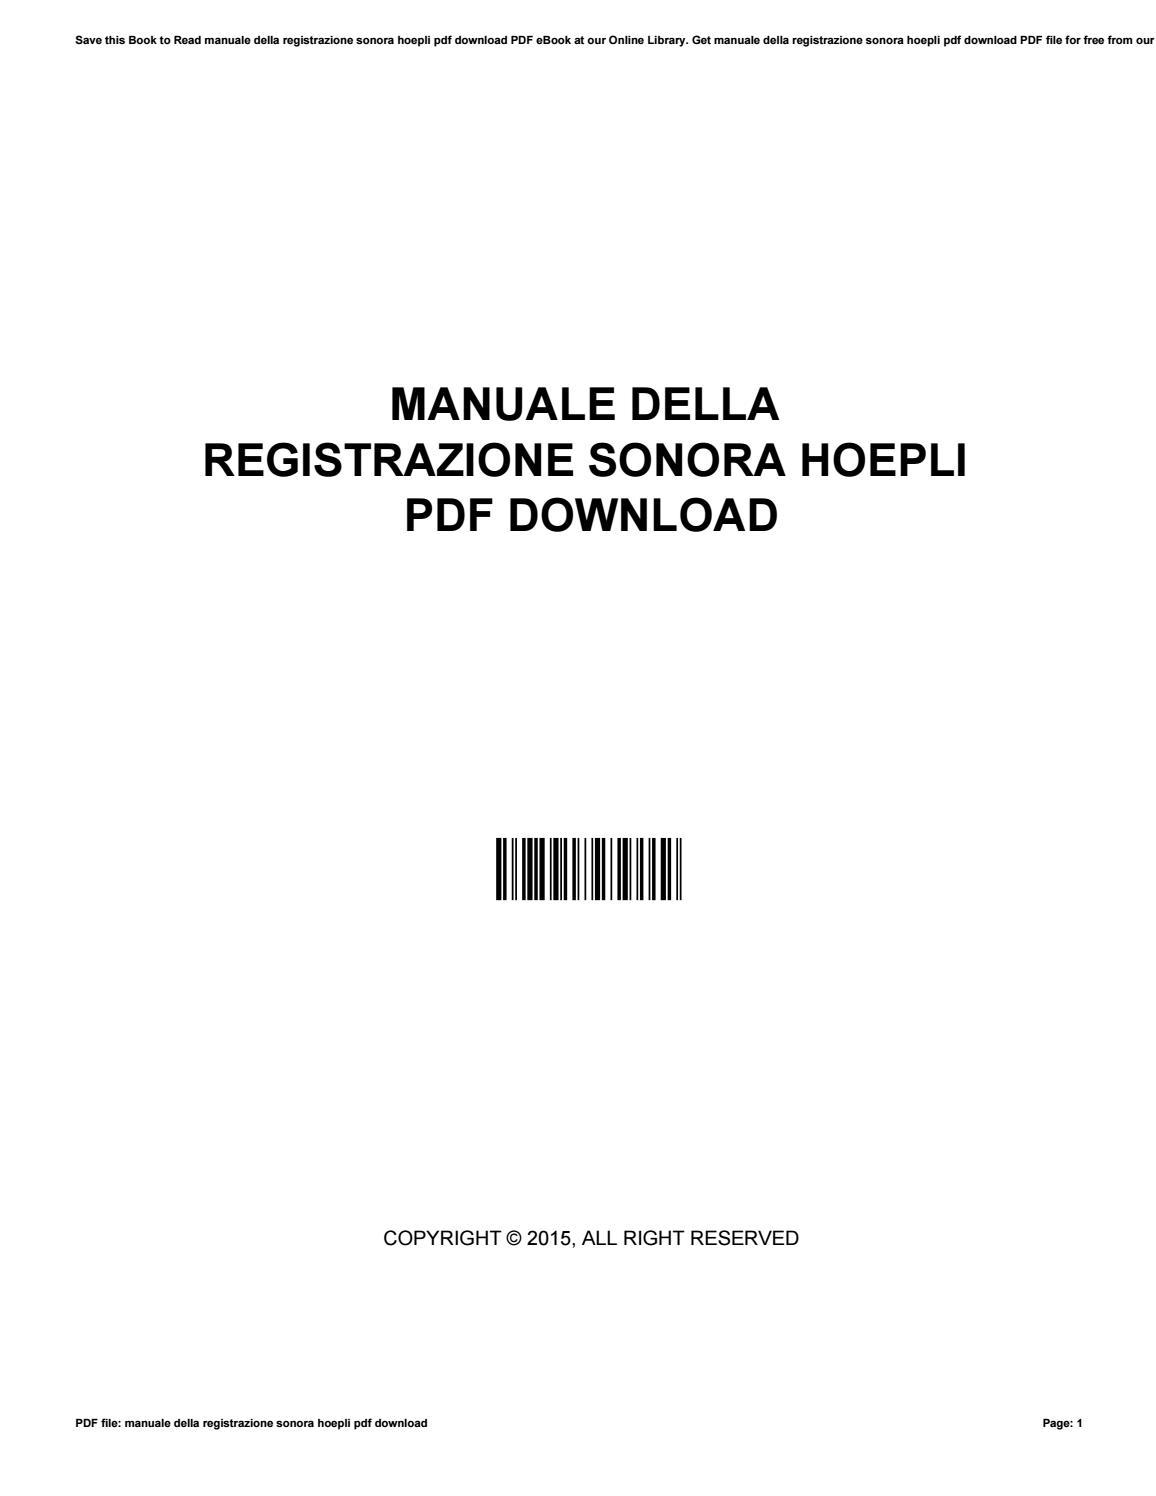 Manuale della registrazione sonora hoepli pdf download by JamesProctor2929  - issuu